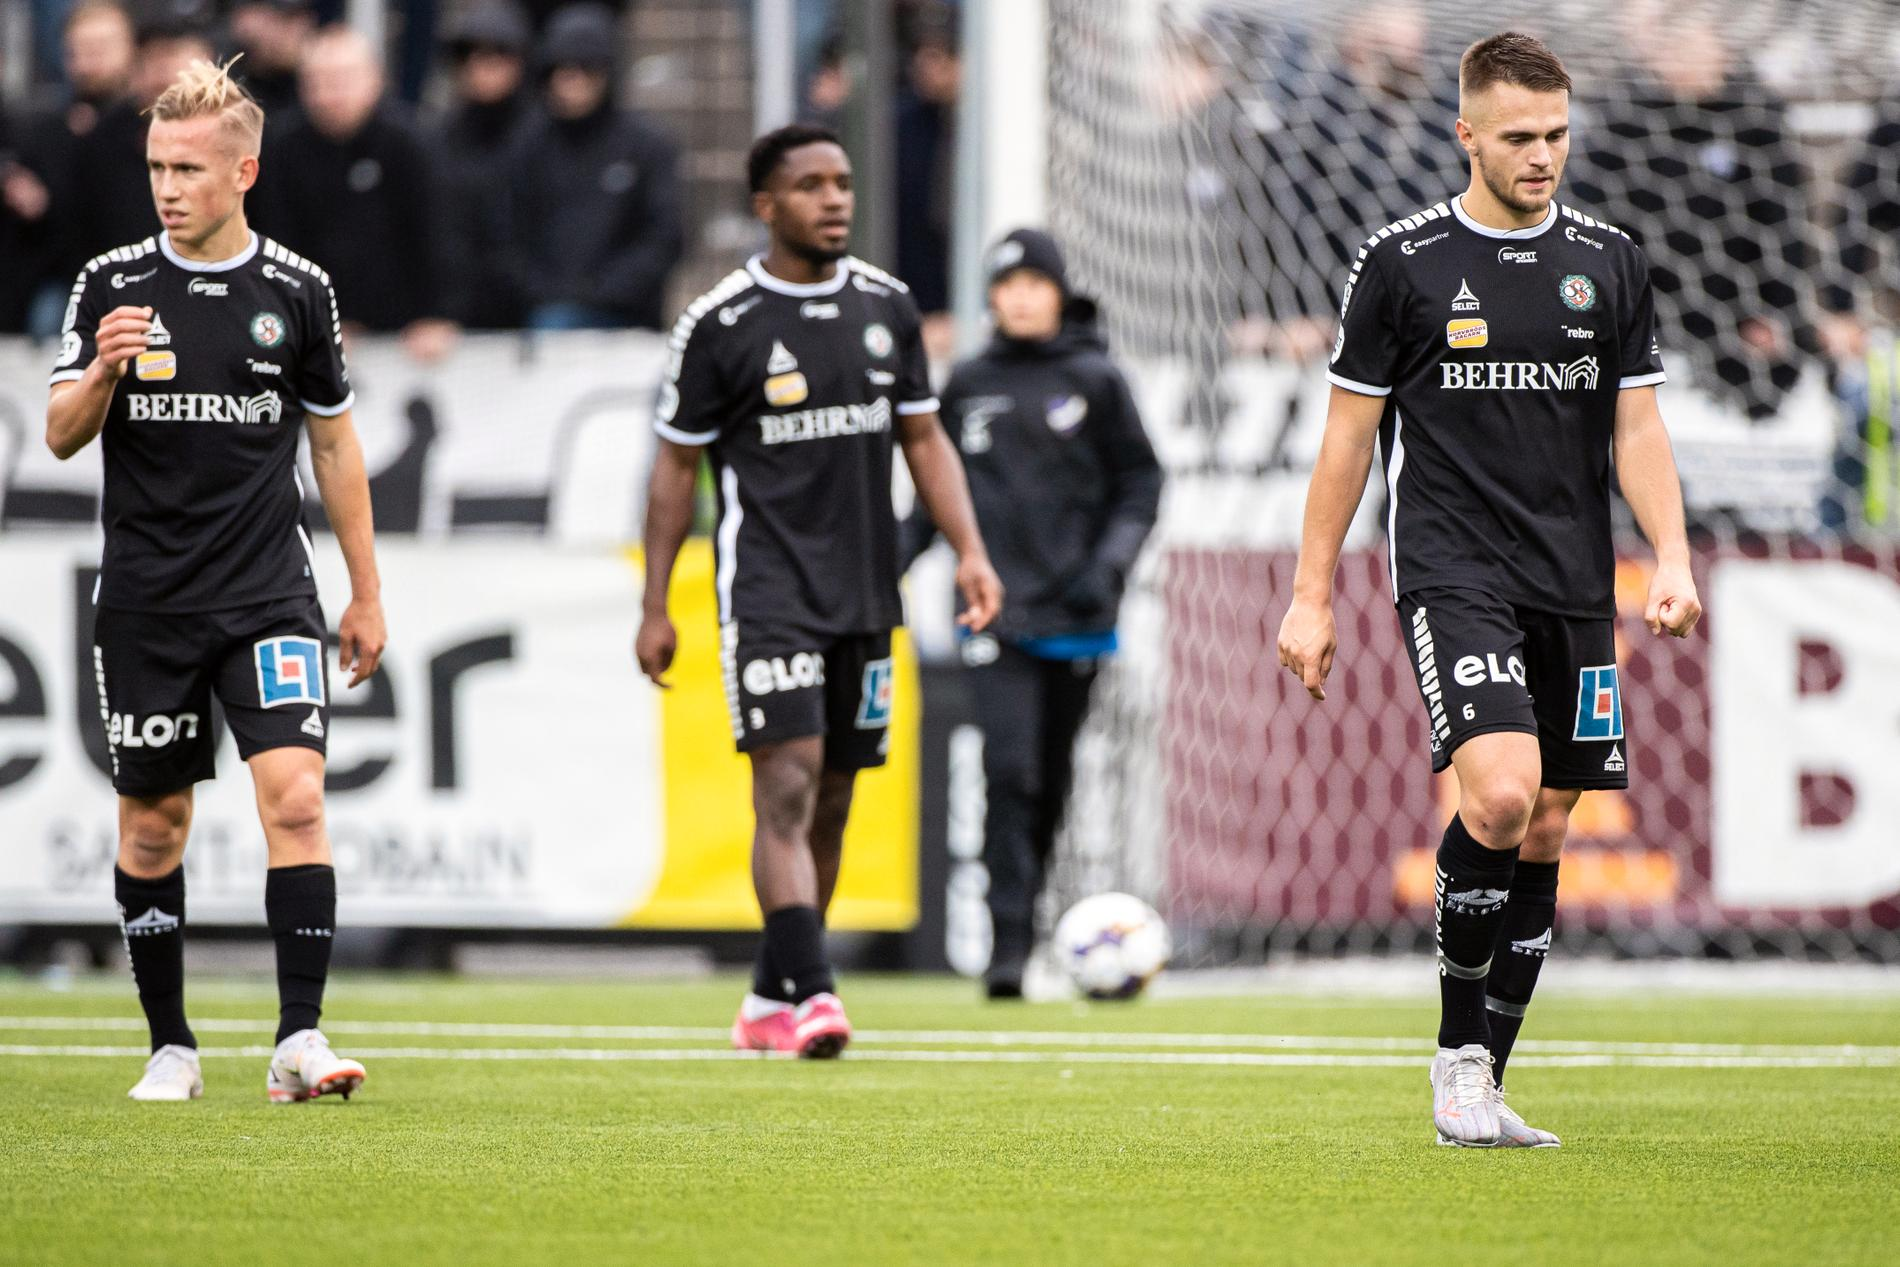 Örebro kämpar för sin överlevnad.